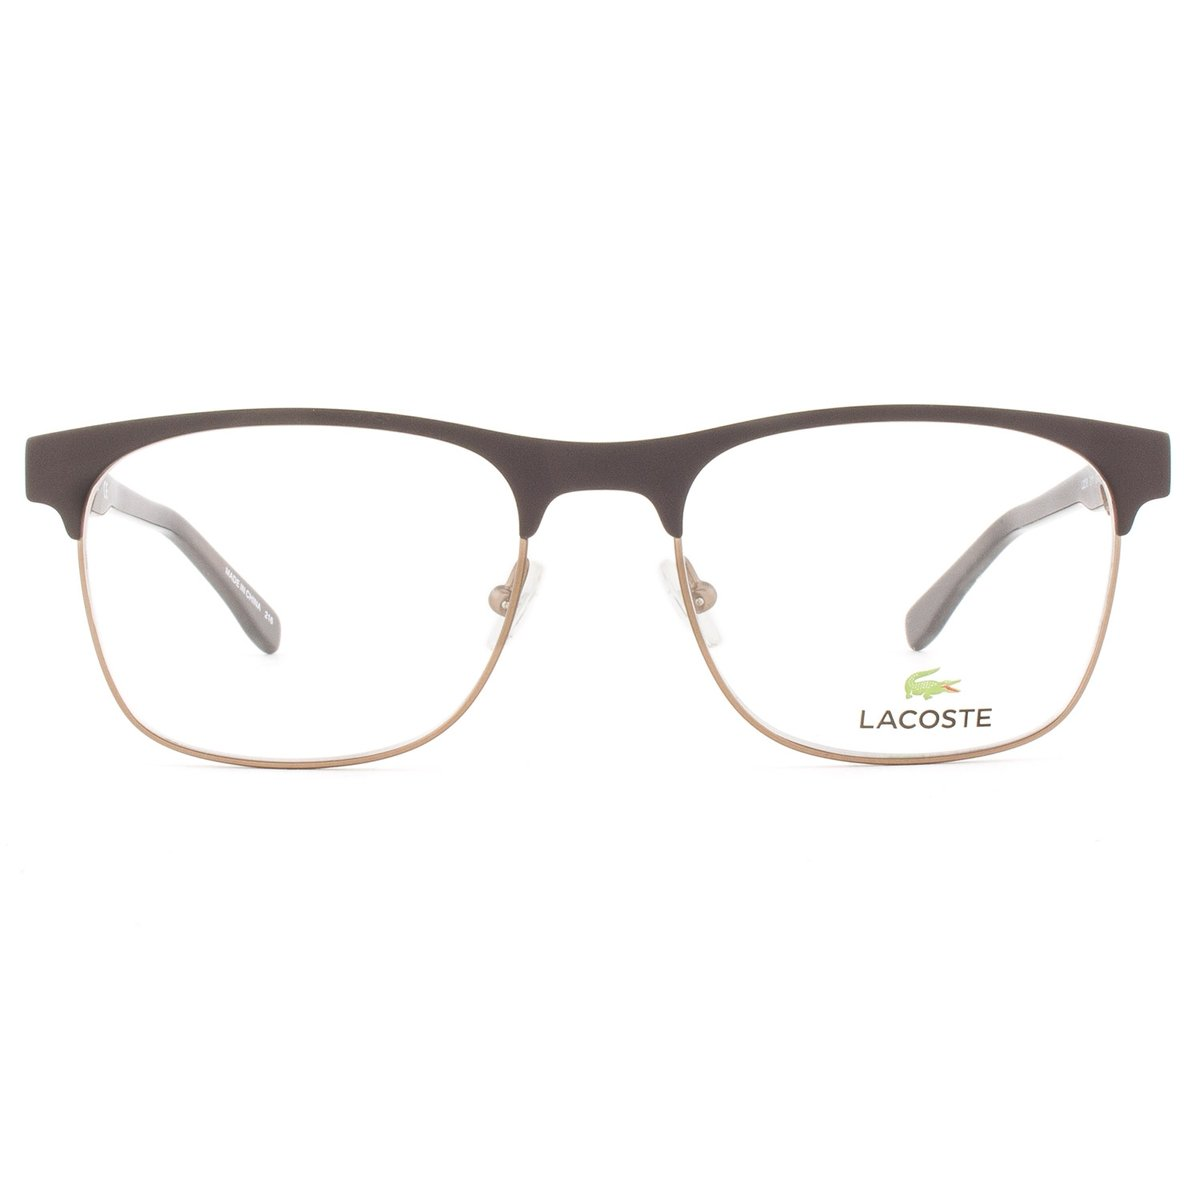 e64f455d57401 Armação Óculos de Grau Lacoste L2218 210 53 - Compre Agora